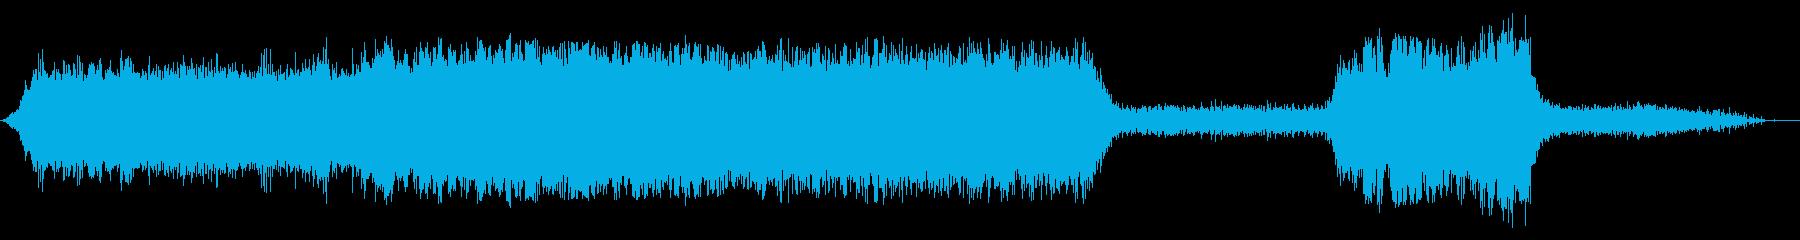 両生類ツインプロップ飛行機:内線:...の再生済みの波形